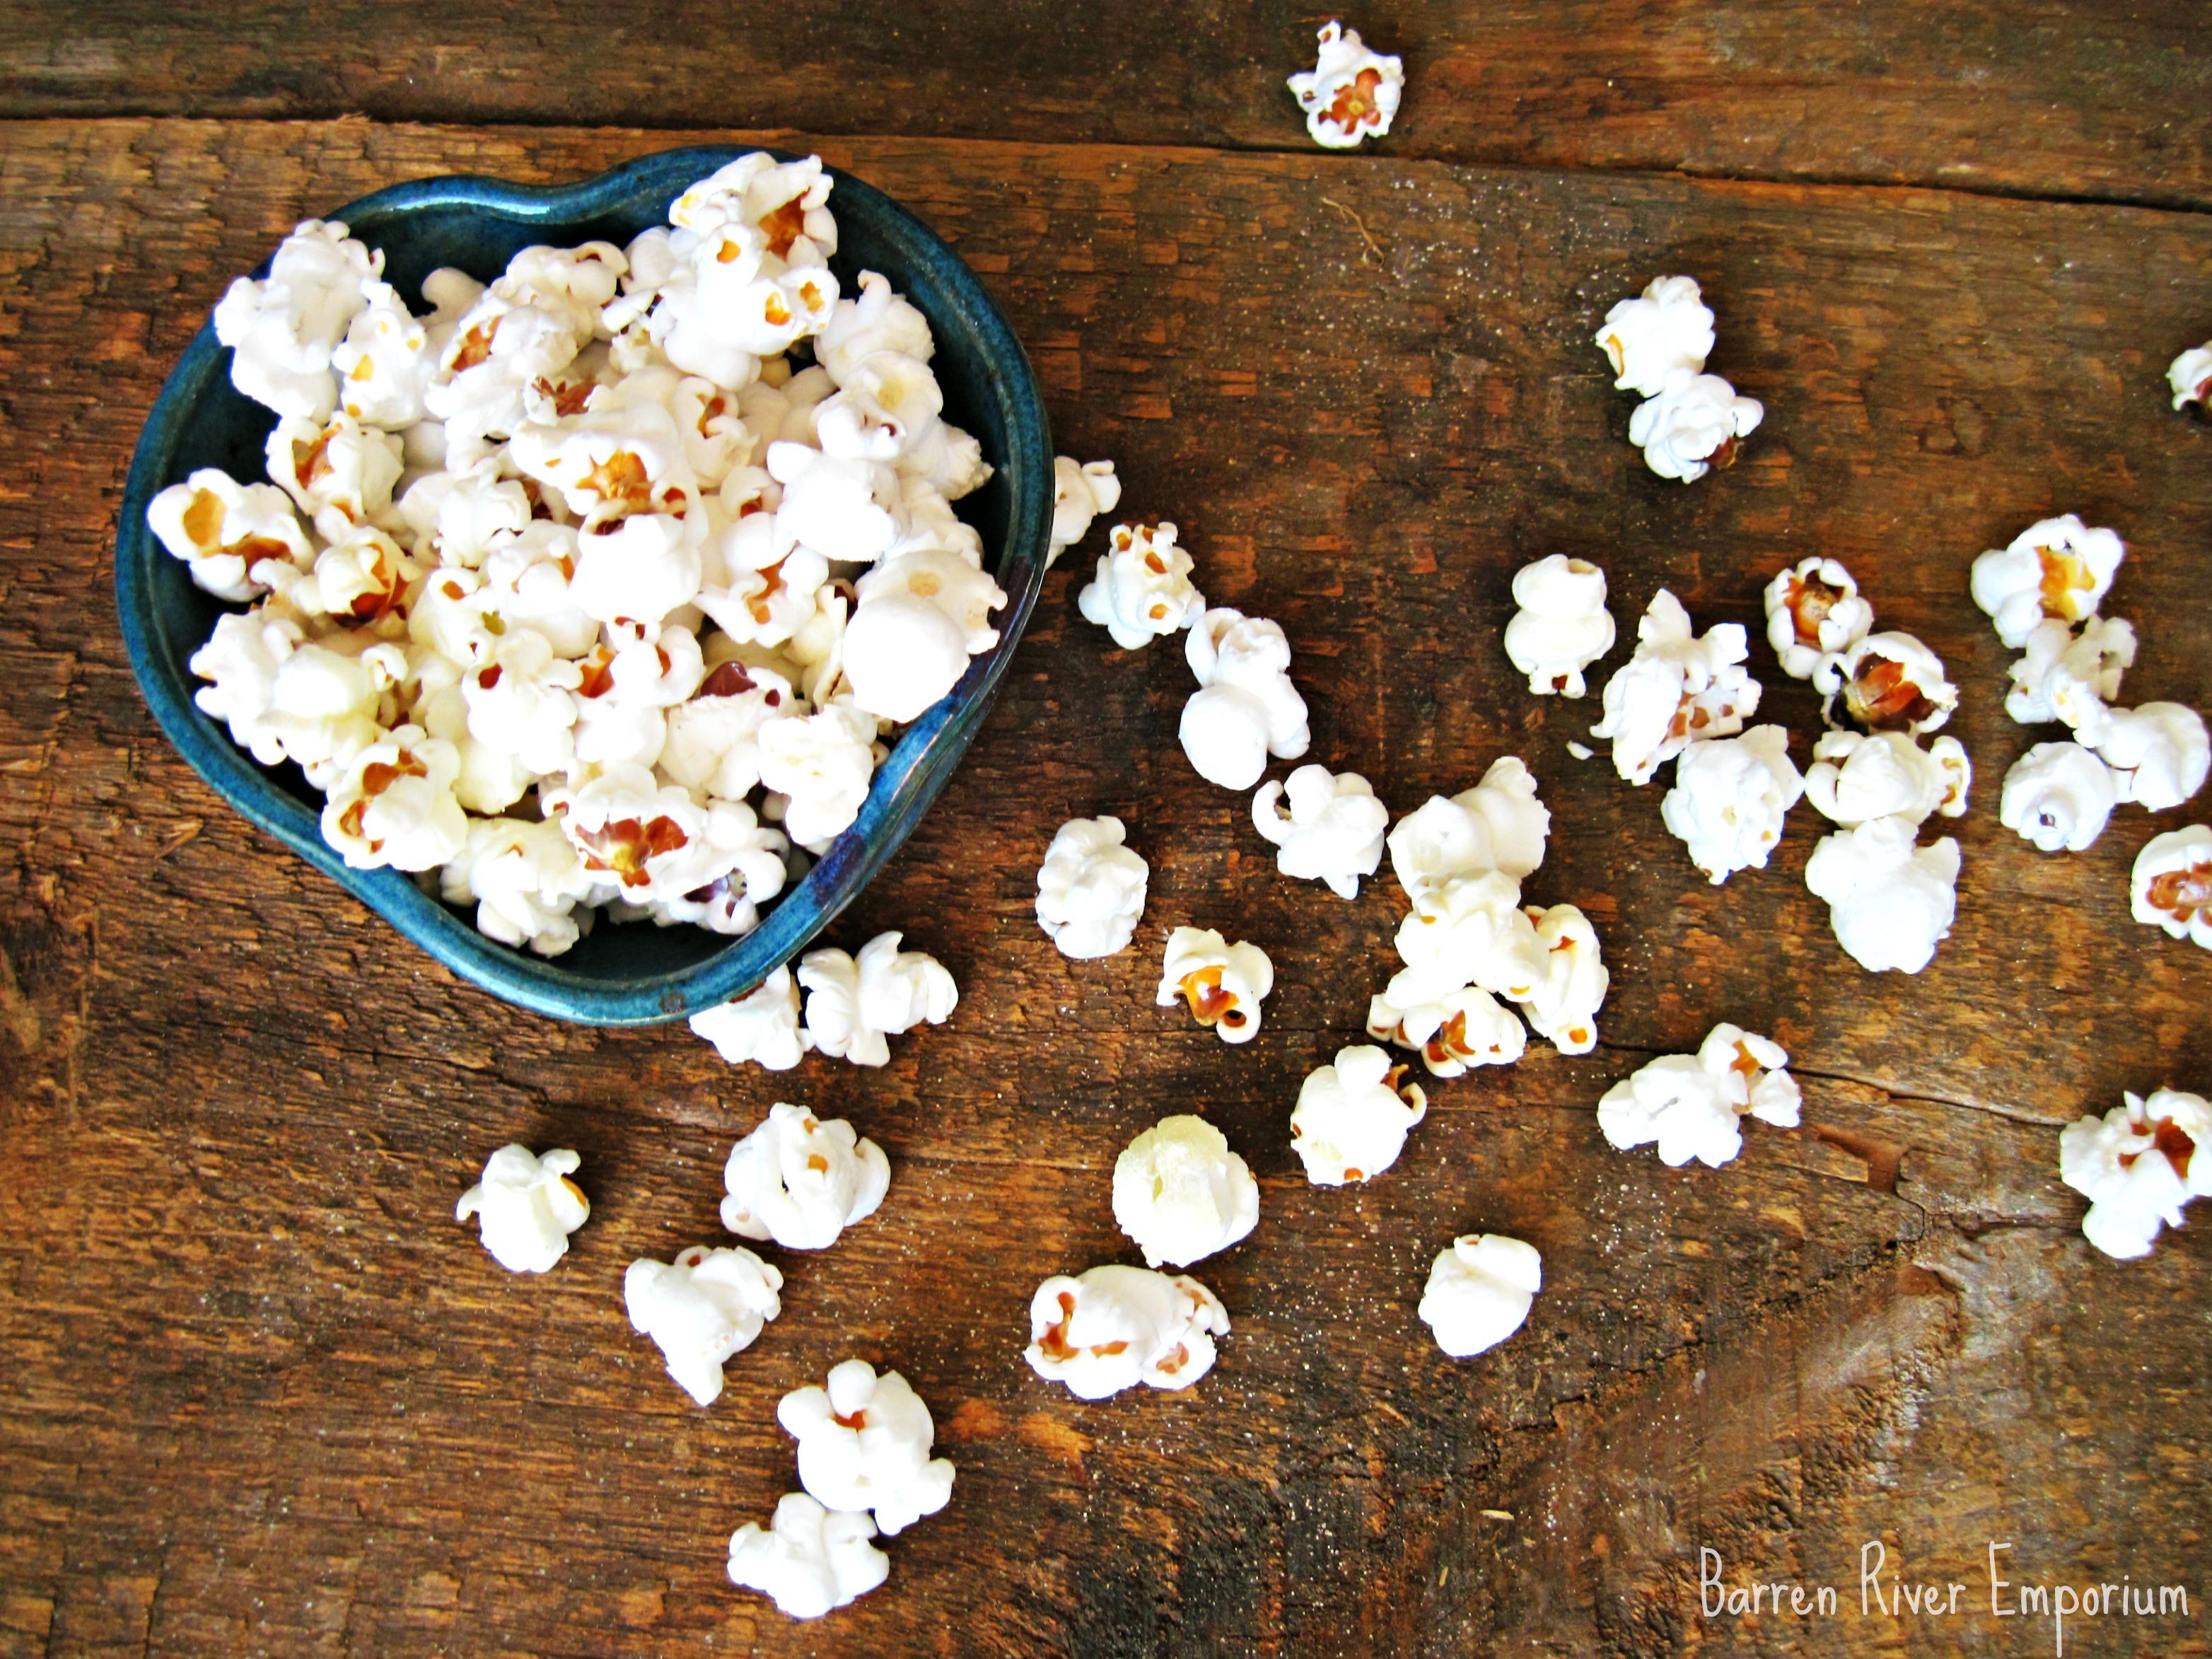 glass gem corn seeds  OliveLoaf Design